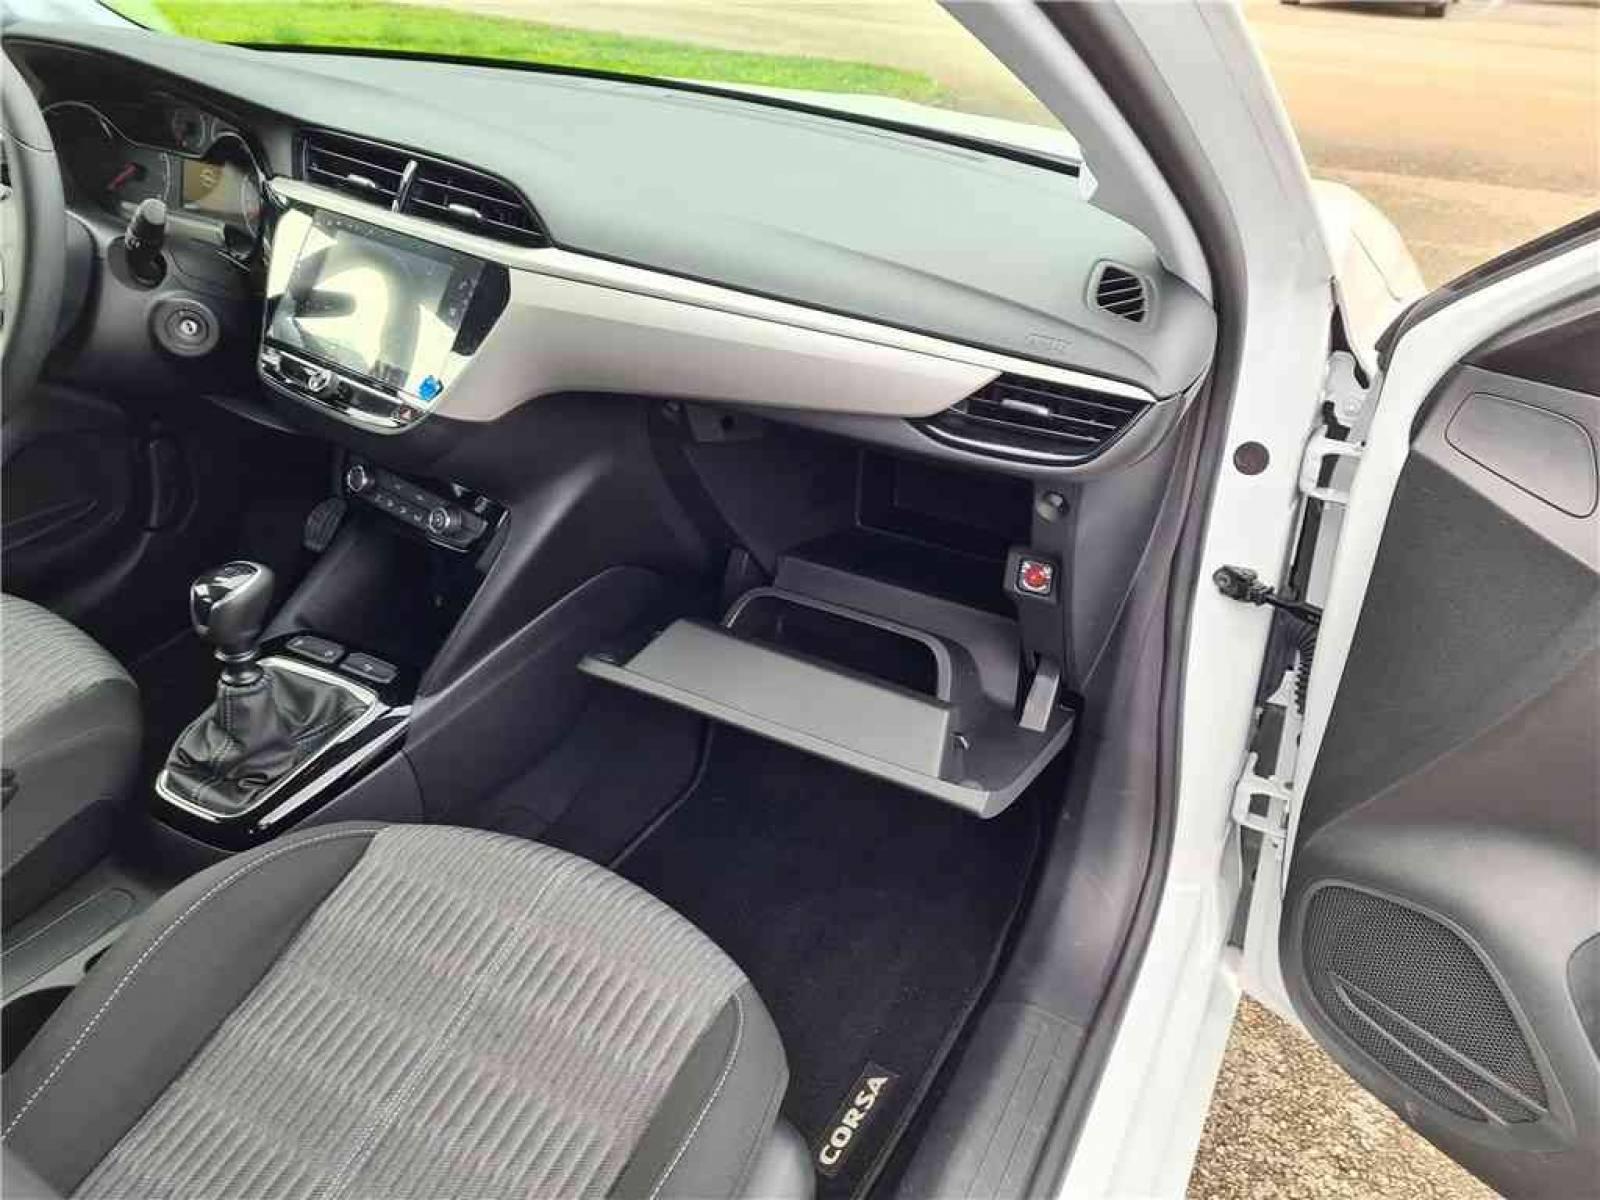 OPEL Corsa 1.5 Diesel 100 ch BVM6 - véhicule d'occasion - Groupe Guillet - Opel Magicauto - Chalon-sur-Saône - 71380 - Saint-Marcel - 51